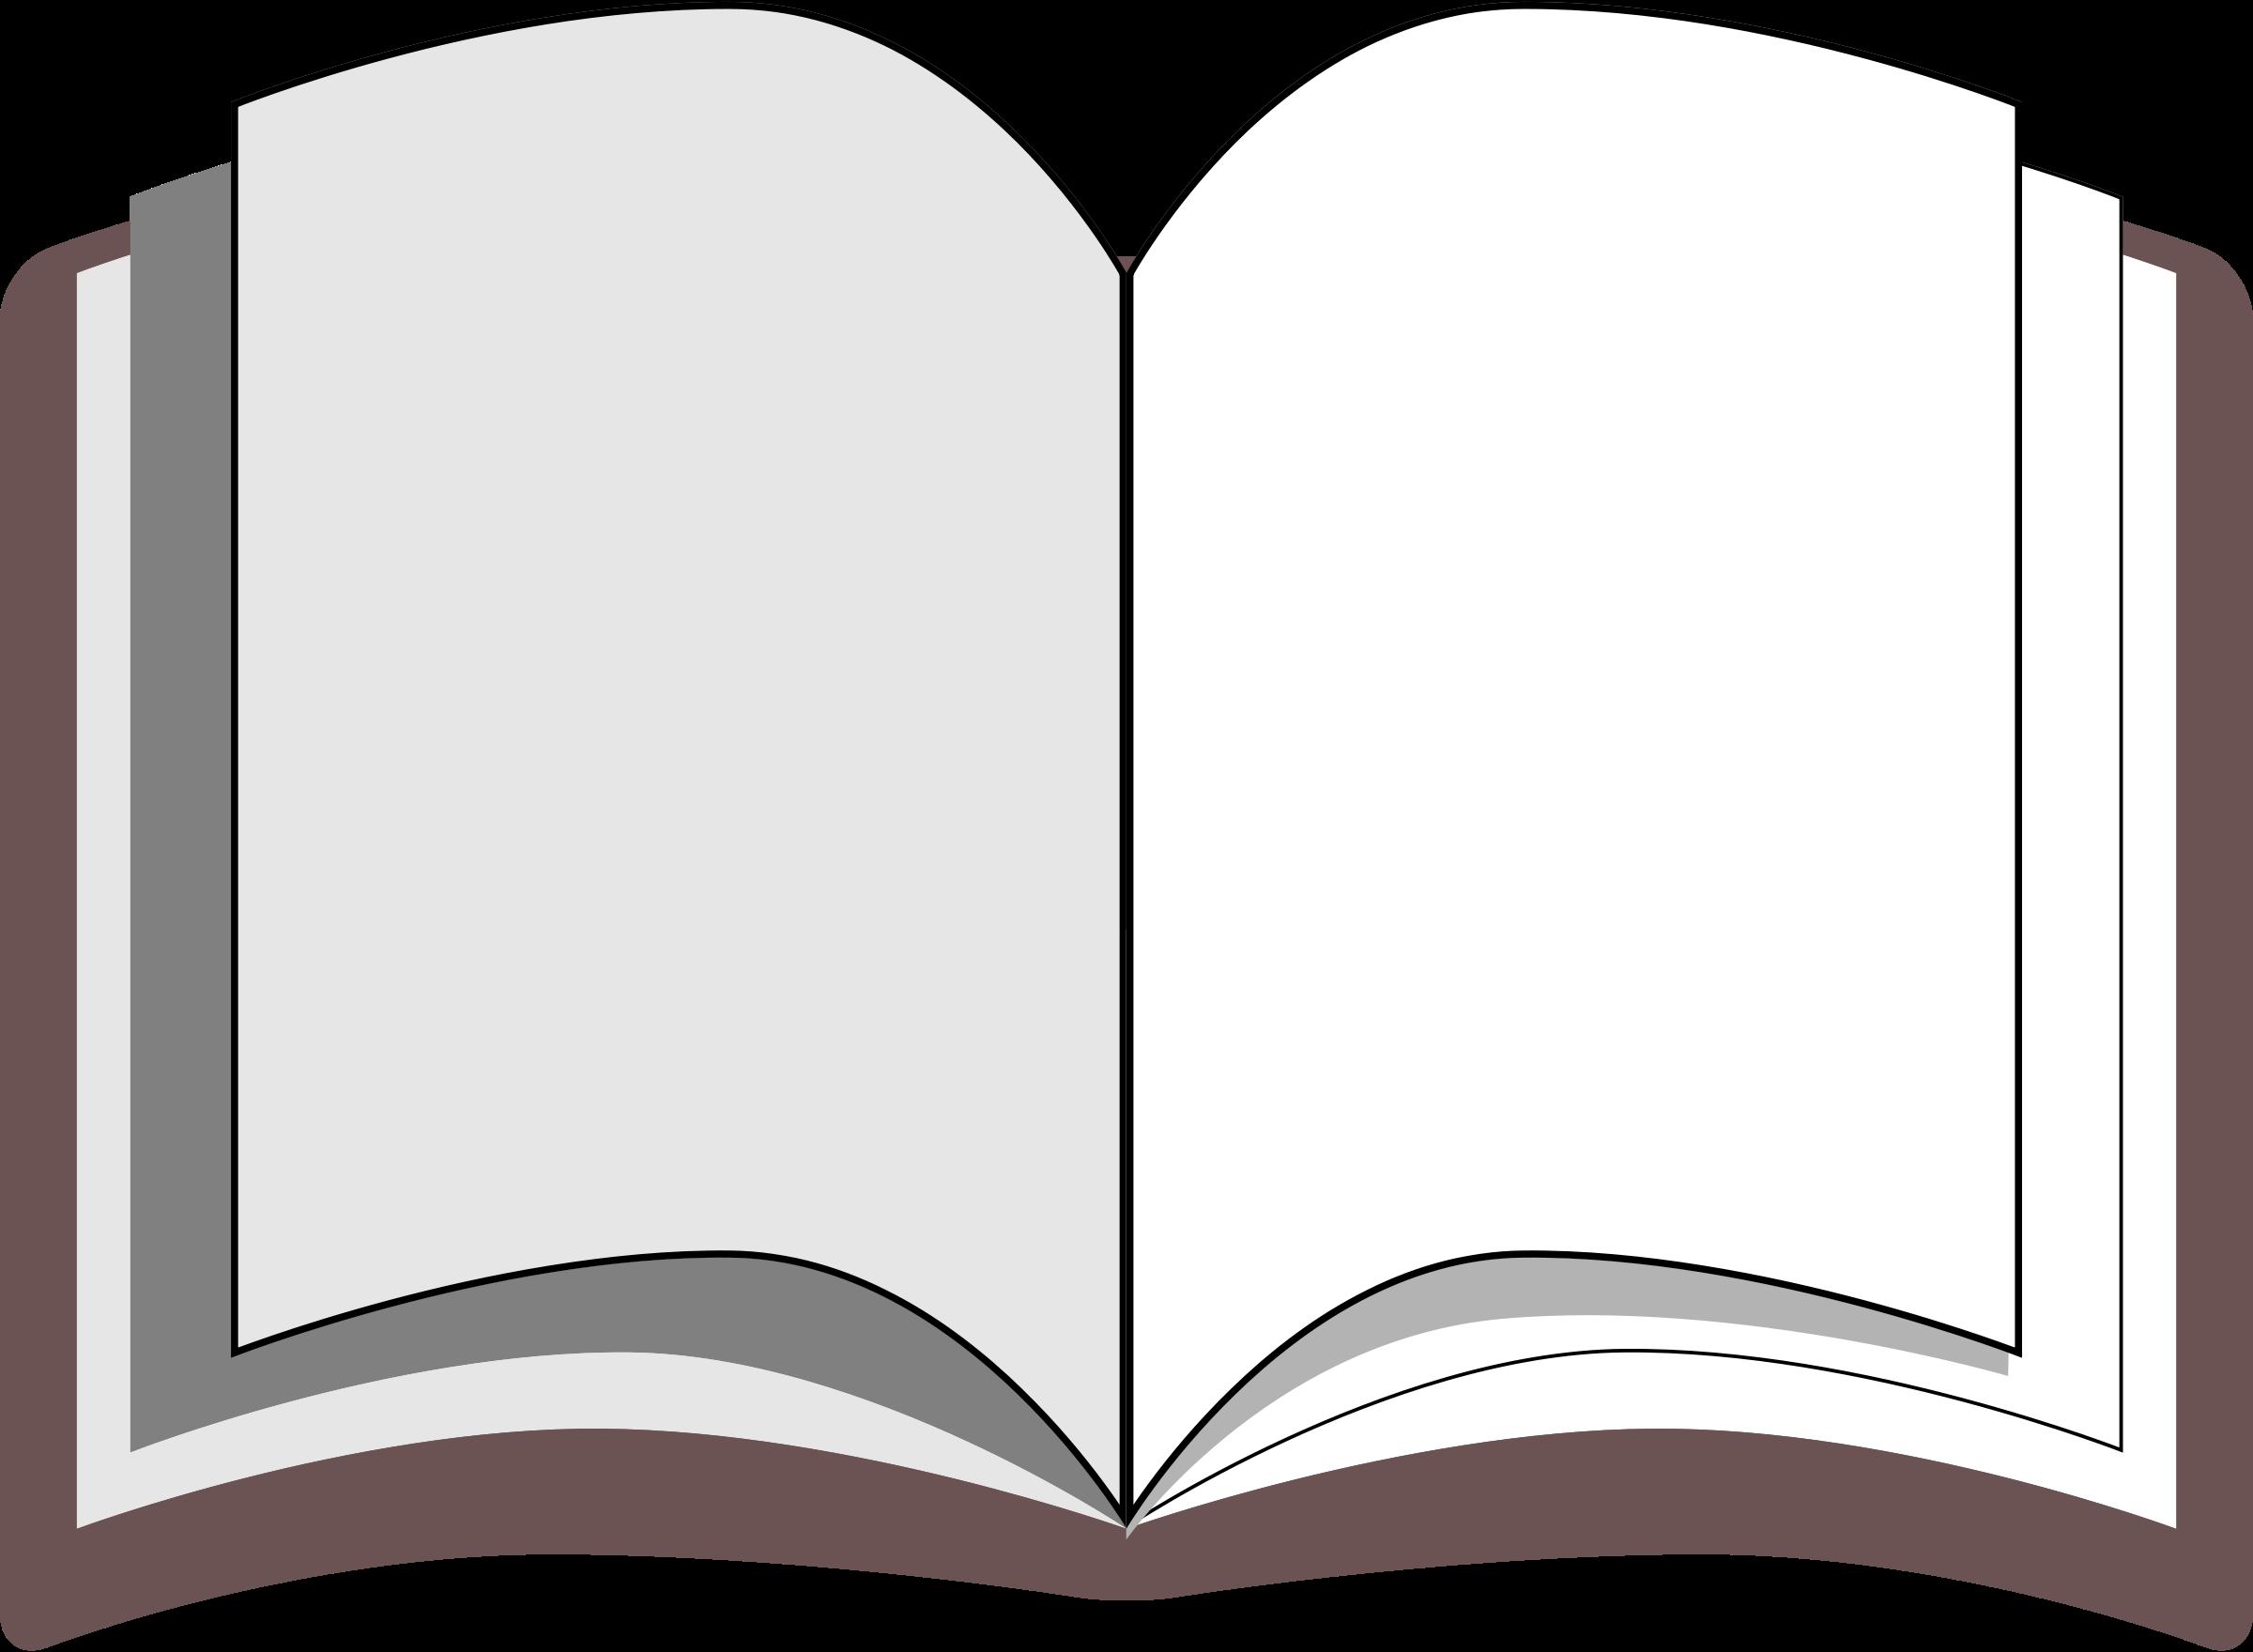 free open book clipart public domain open book clip art images 3 2 [ 2400 x 1760 Pixel ]